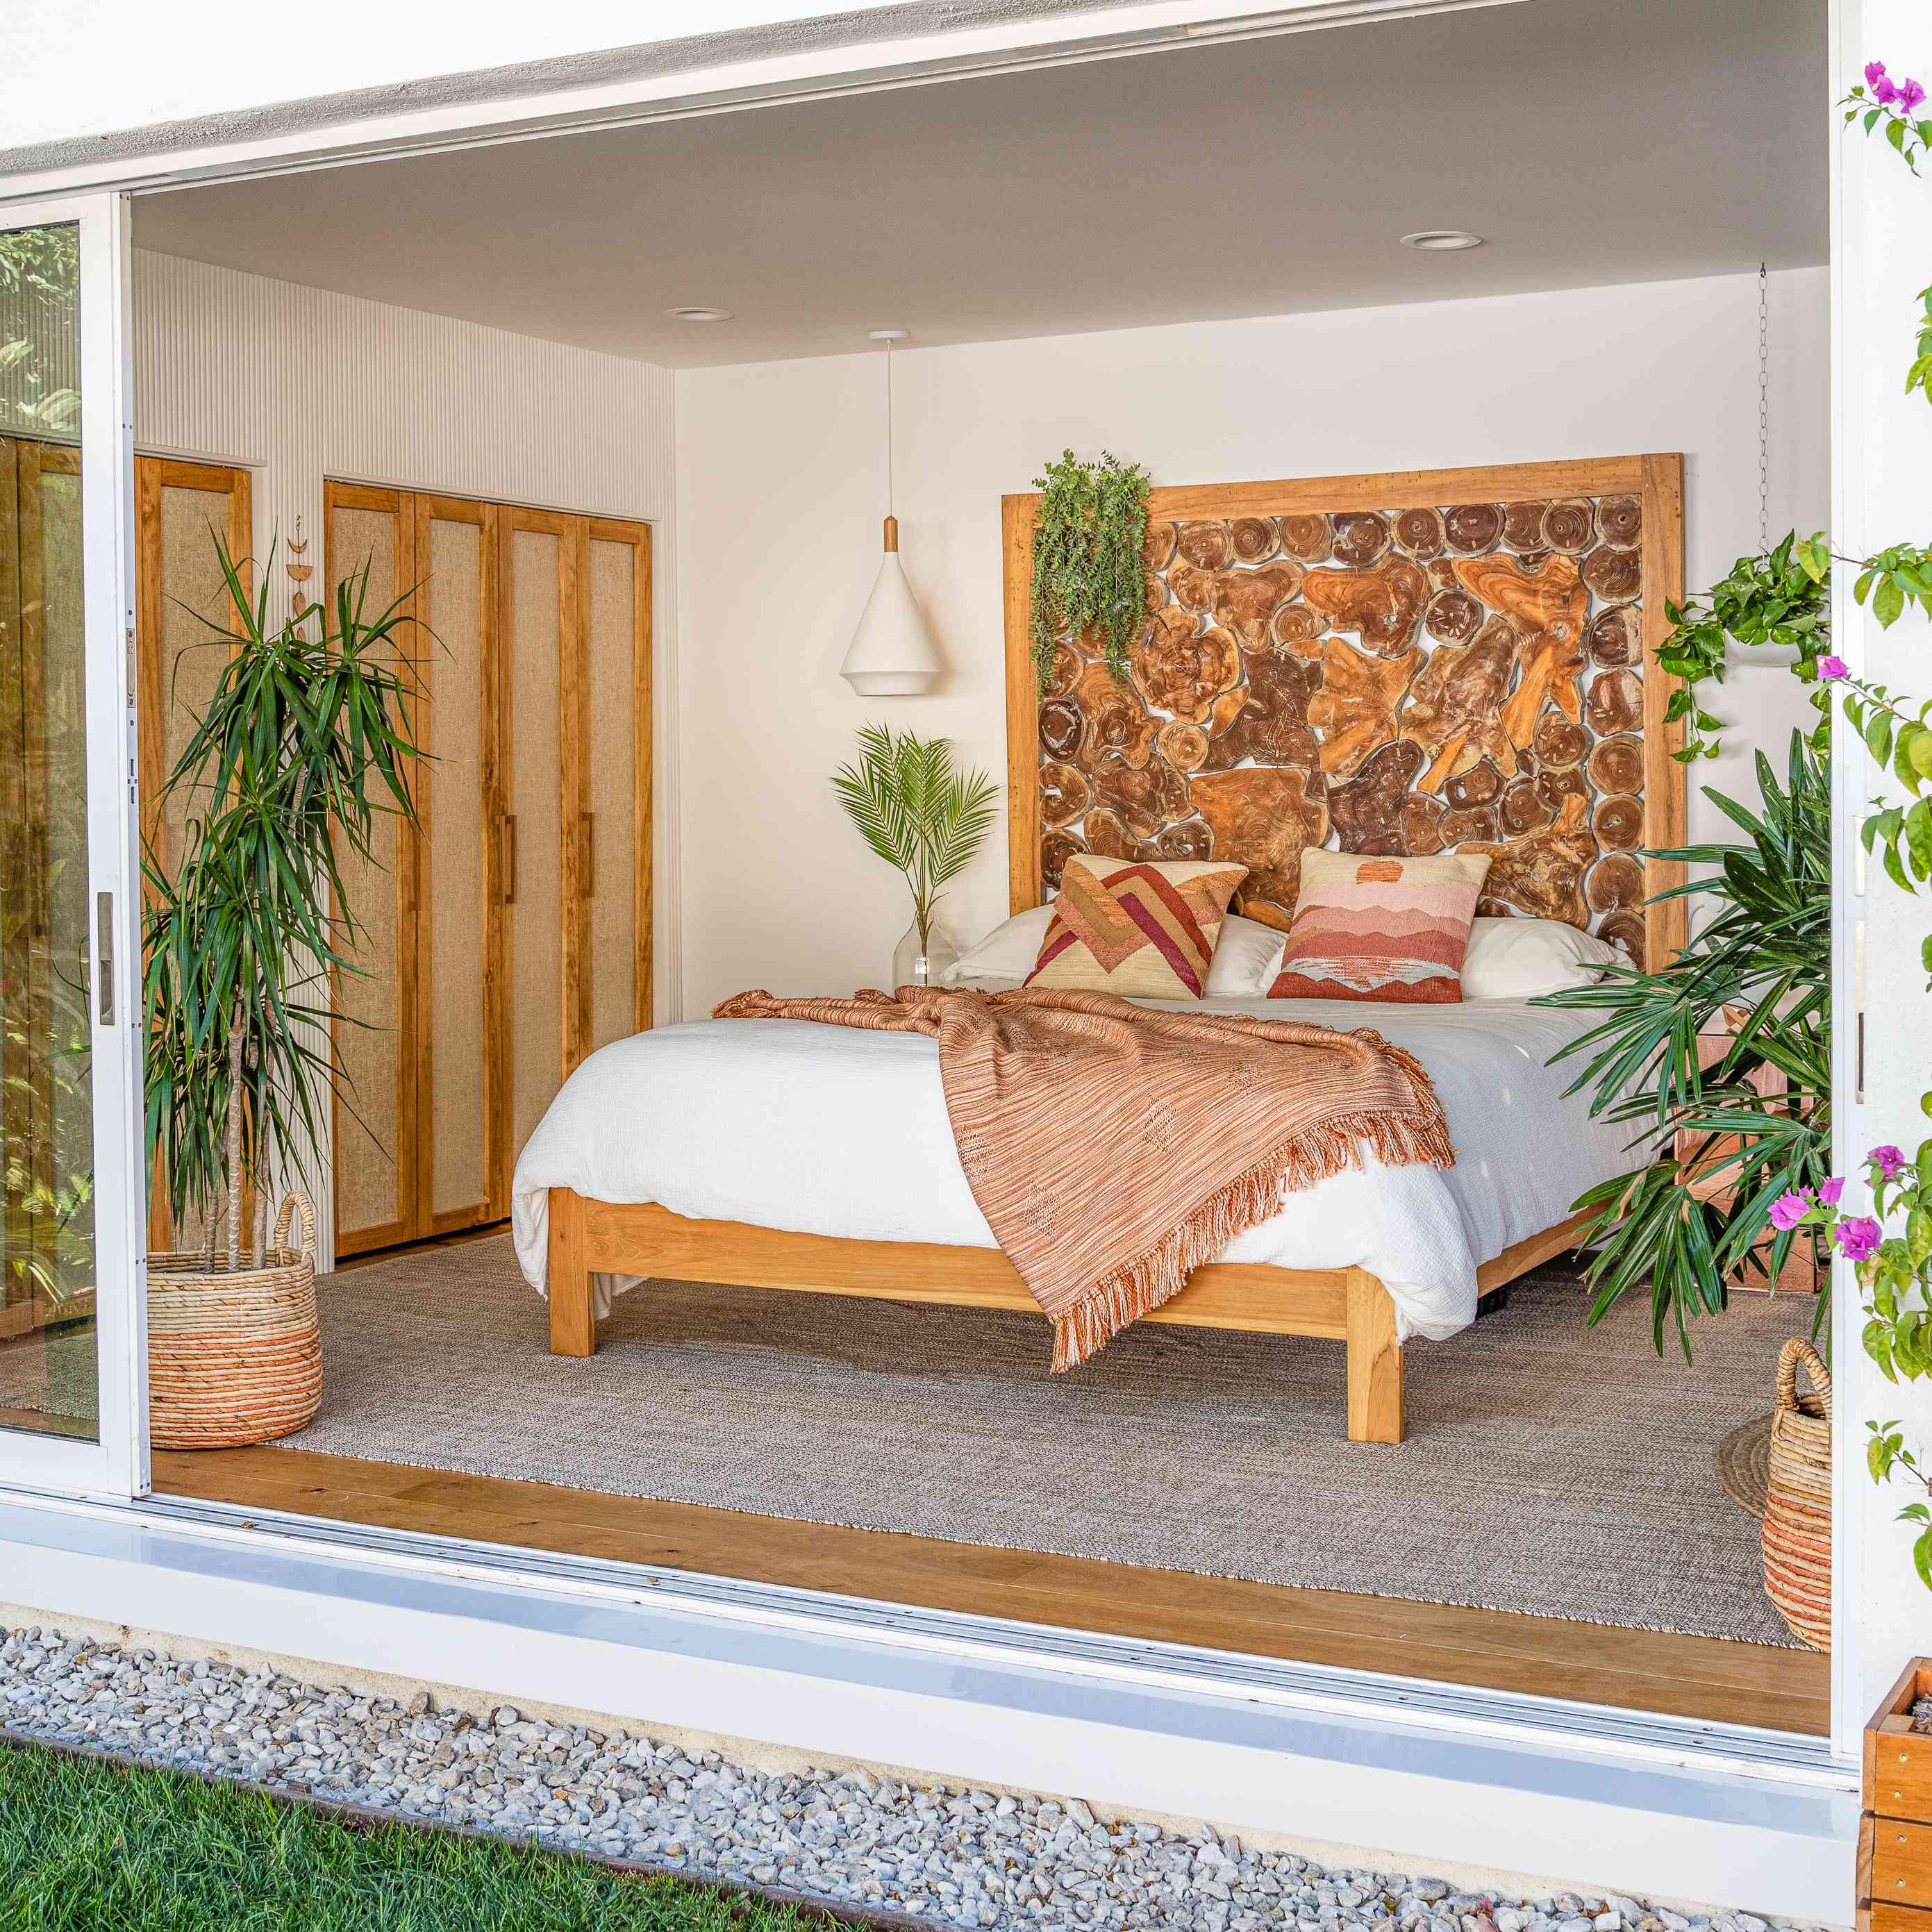 Master bedroom with sliding door to garden